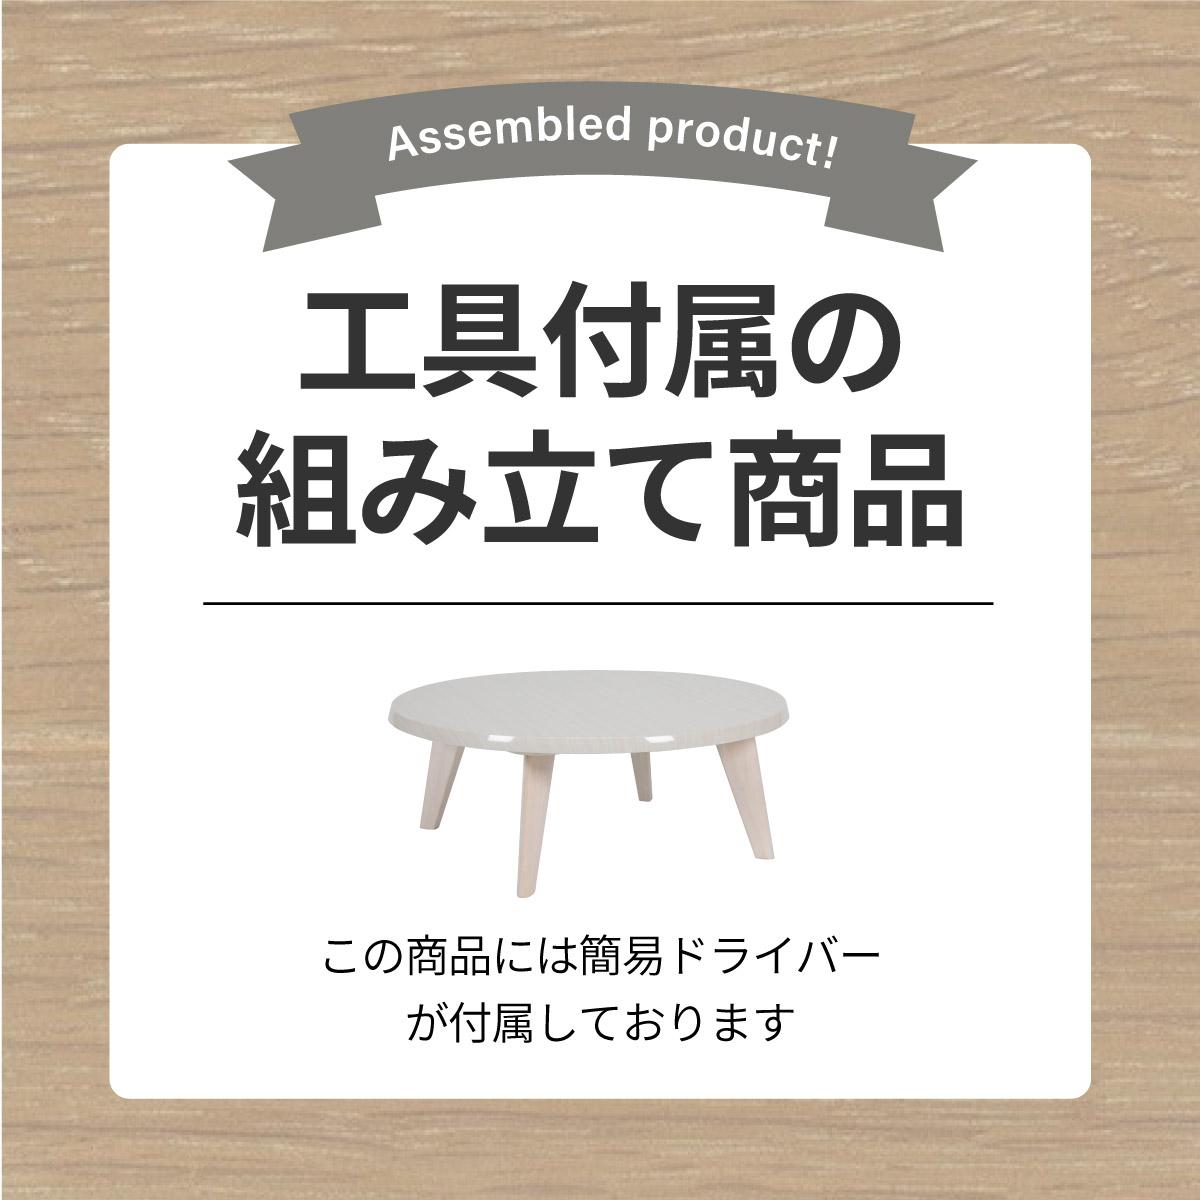 [幅90/高さ34] ローテーブル リビングテーブル 丸テーブル ホワイト 天然木 MY 90 UV 円形 CT